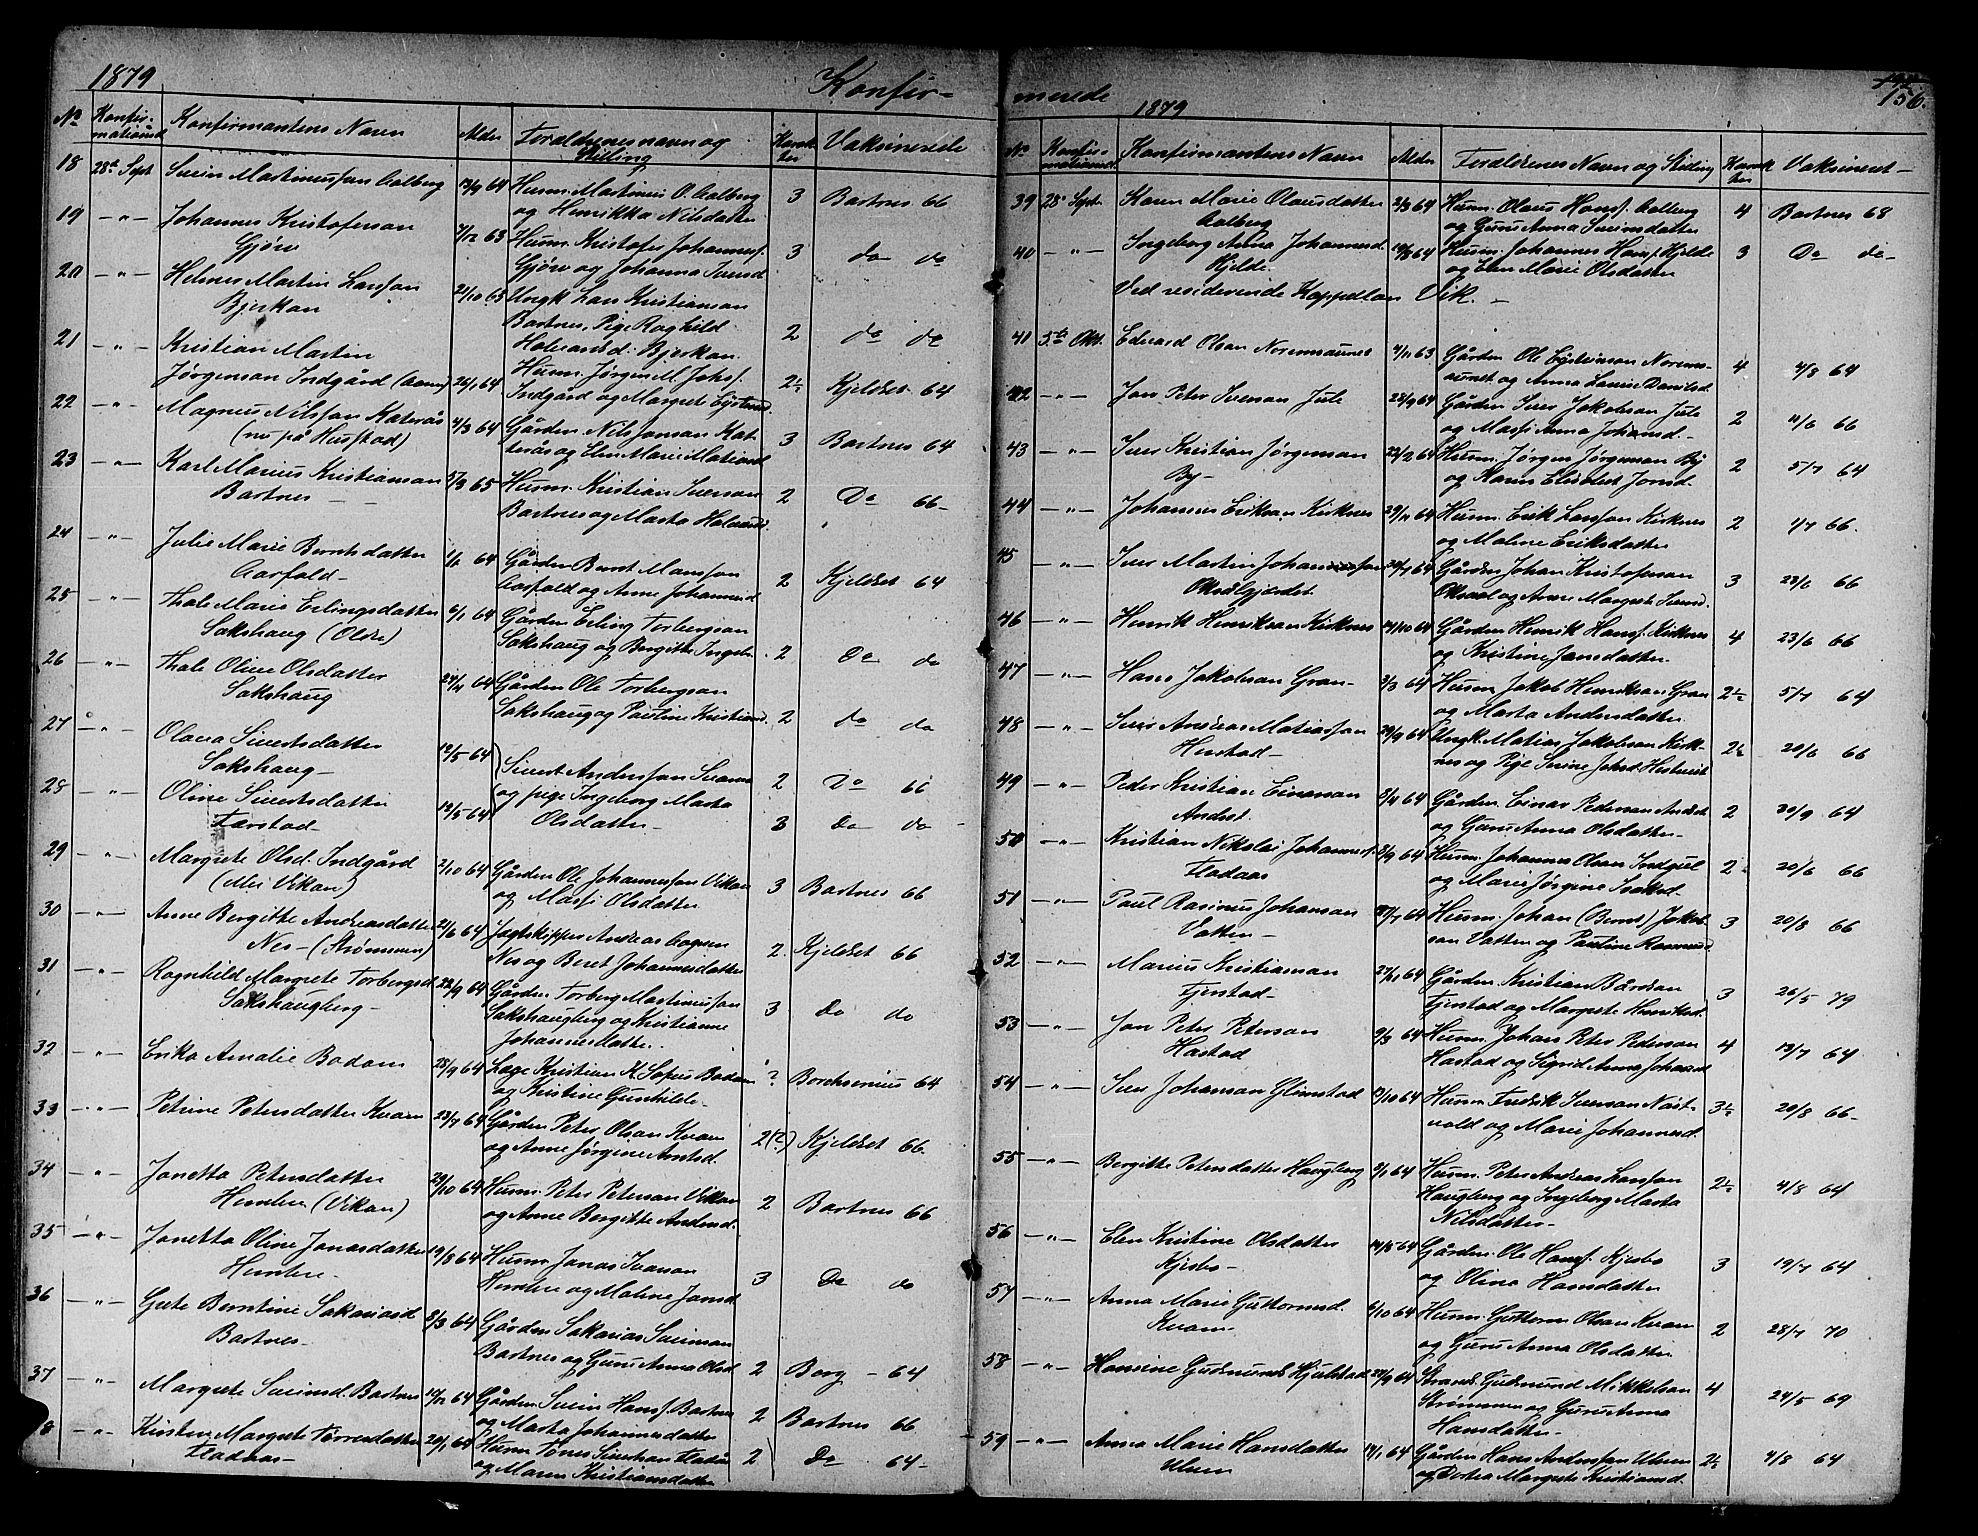 SAT, Ministerialprotokoller, klokkerbøker og fødselsregistre - Nord-Trøndelag, 730/L0300: Klokkerbok nr. 730C03, 1872-1879, s. 156